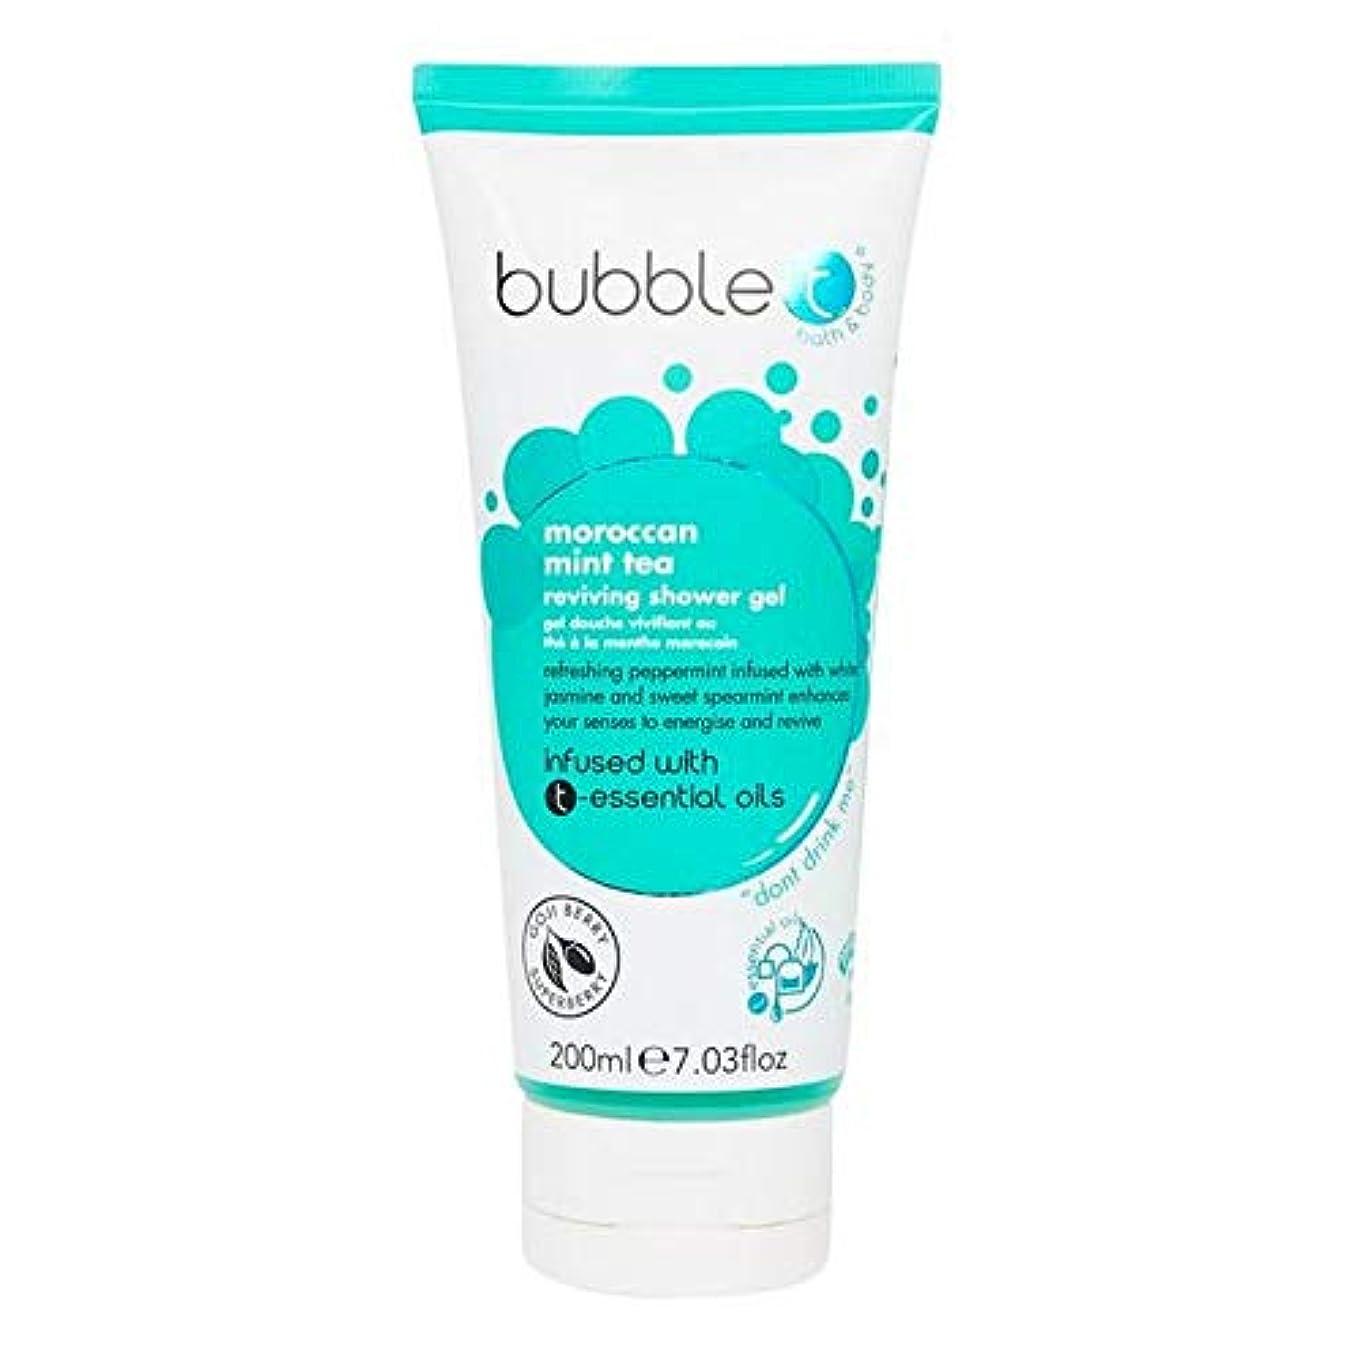 同等の着飾る分類する[Bubble T ] バブルトン化粧品シャワージェル、モロッコのミントティーを200ミリリットル - Bubble T Cosmetics Shower Gel, Moroccan Mint Tea 200ml [並行輸入品]